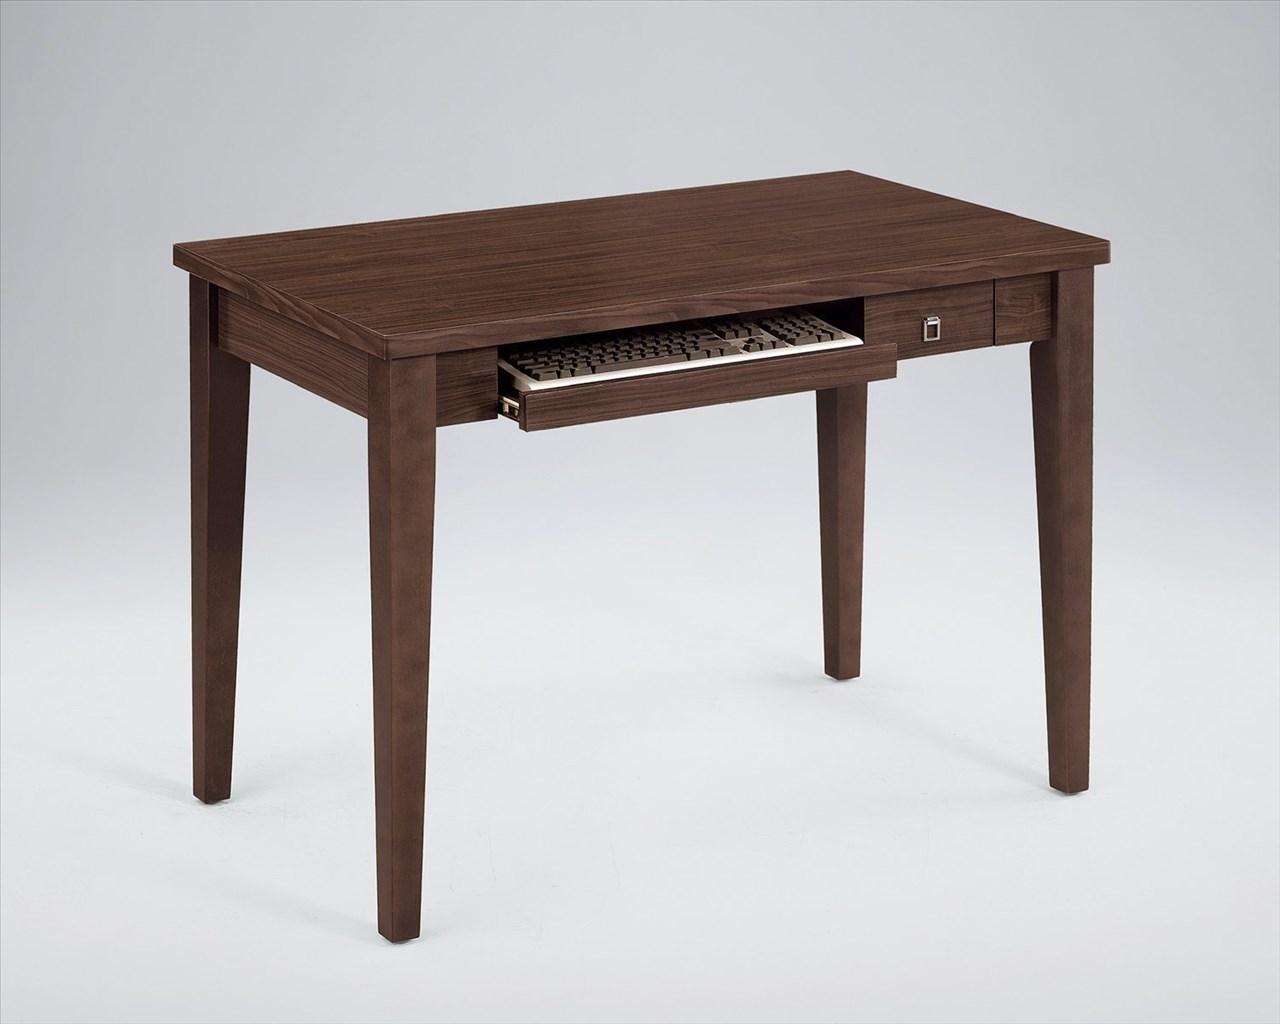 【石川家居】EF-312-5 順利胡桃3.5尺電腦桌 (不含其他商品) 需搭配車趟